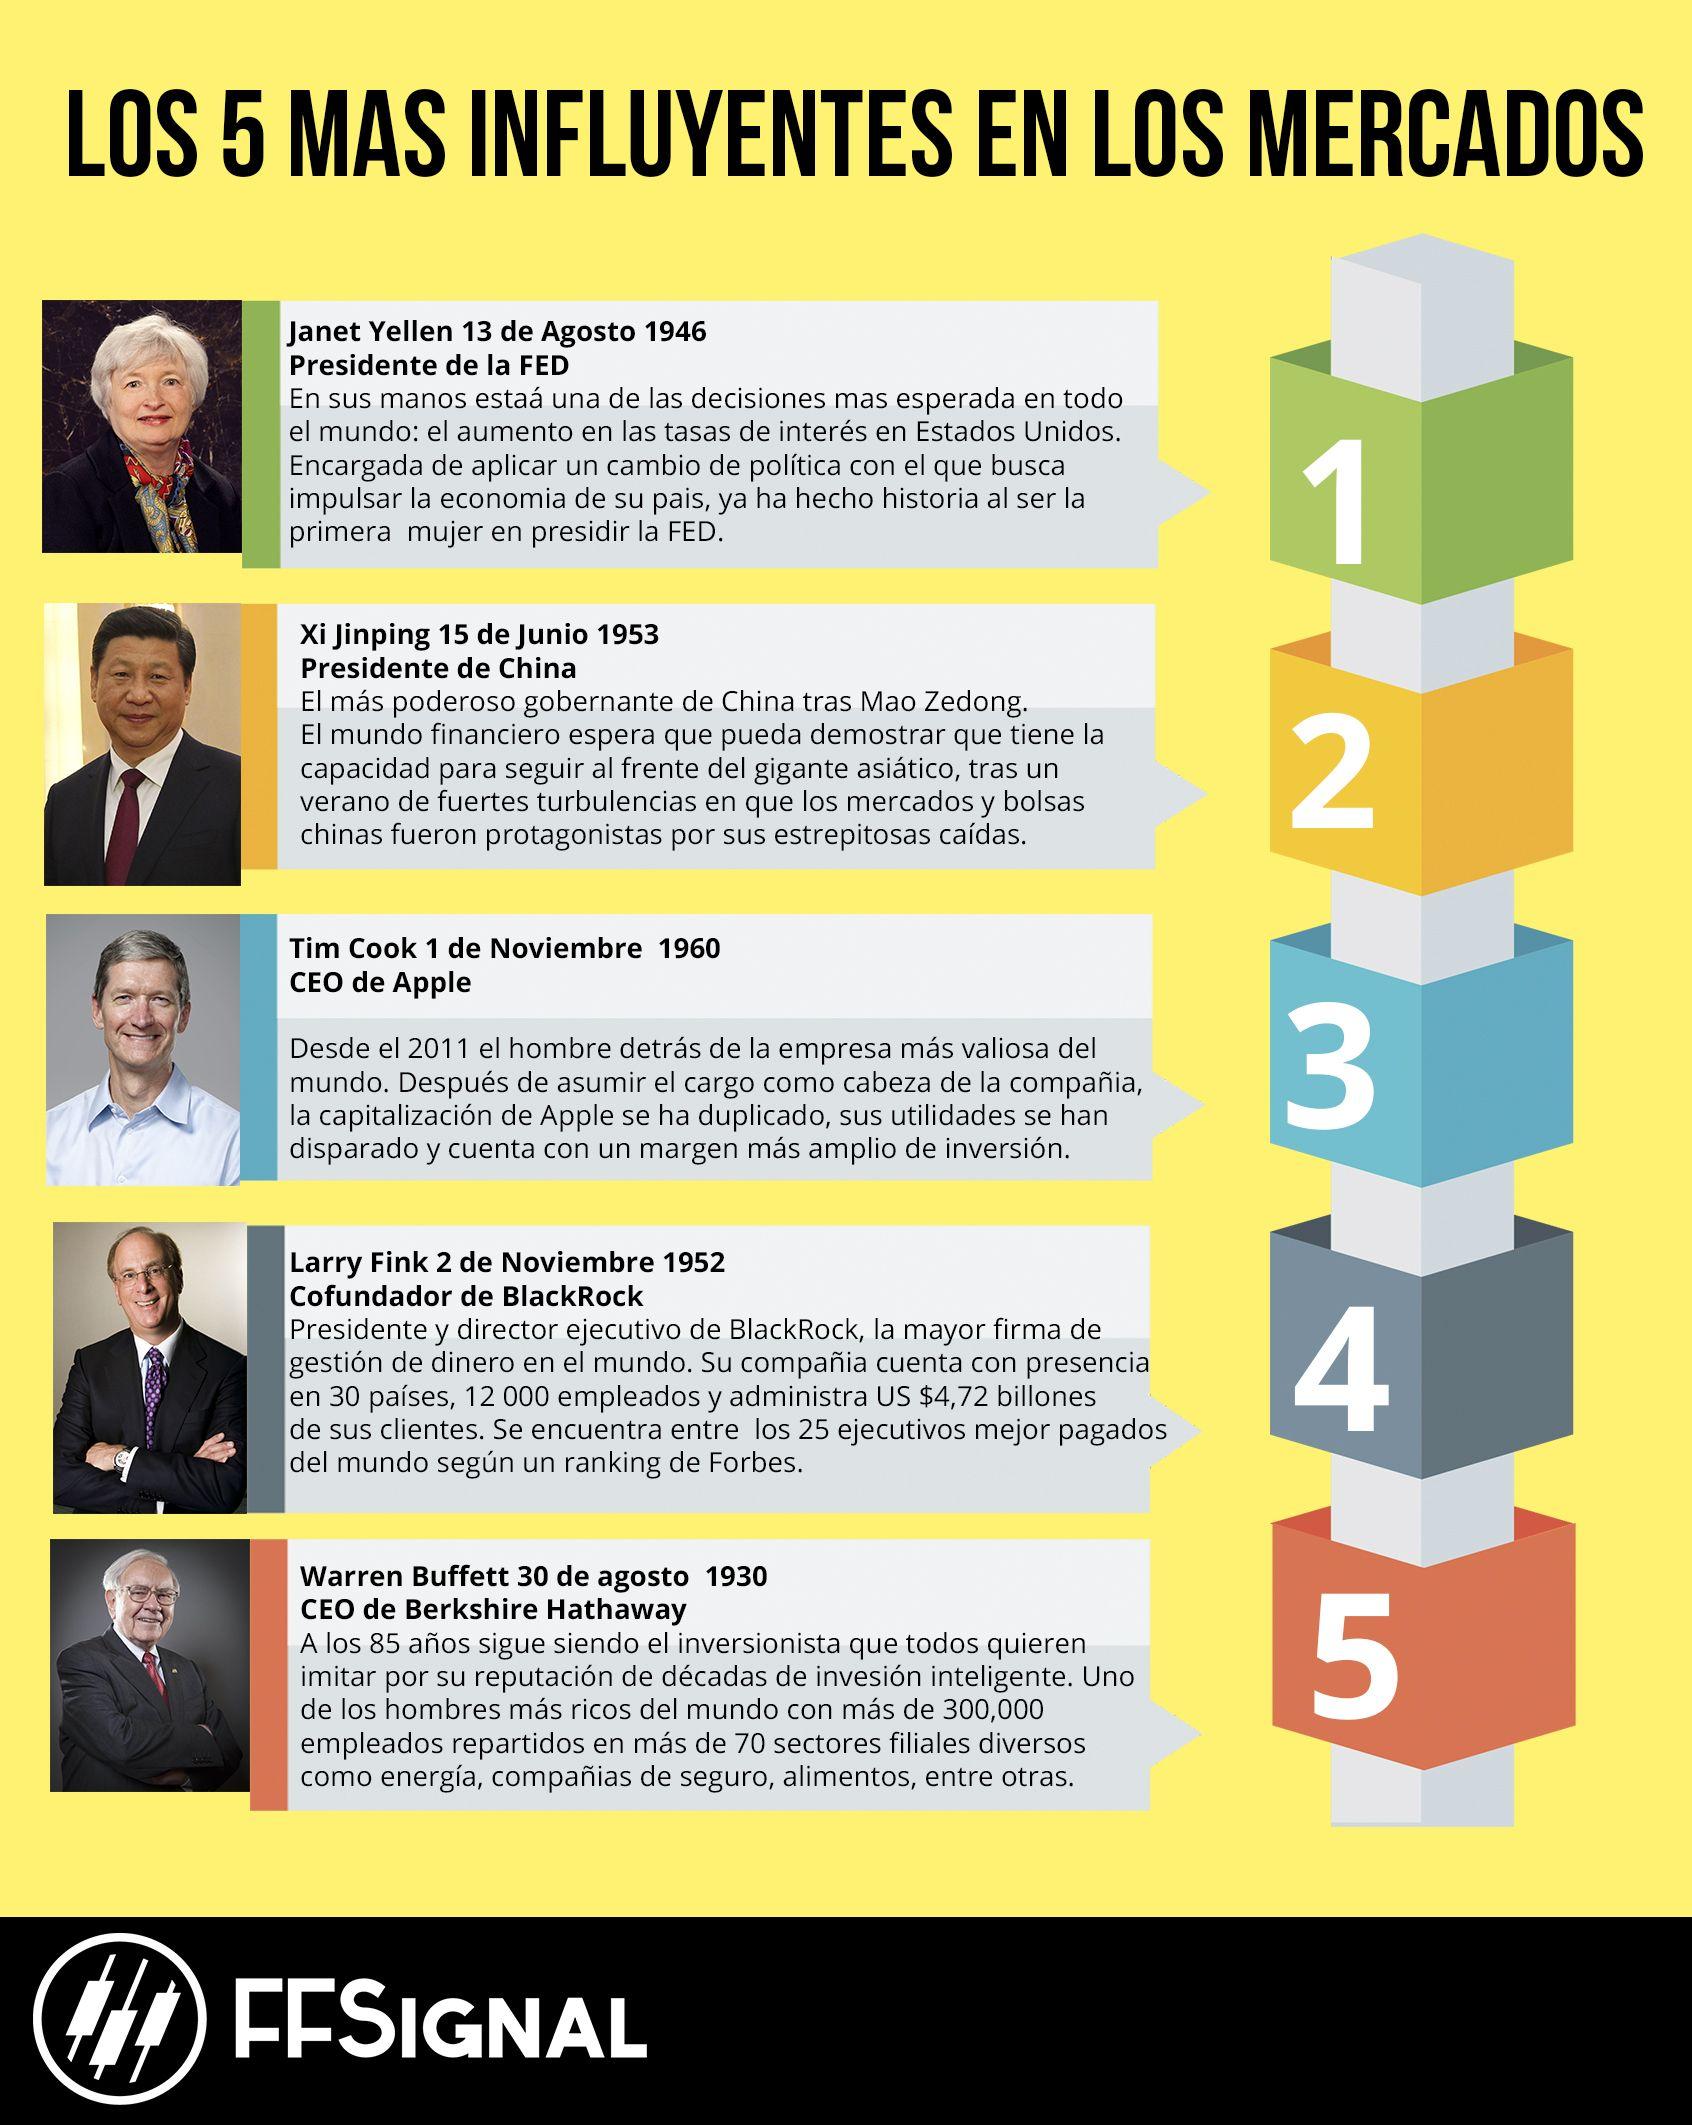 Te presentamos a las 5 personas más influyentes en los mercados financieros según Bloomberg.  #Forex #Trading #Market #Finanzas #Economia #Trader